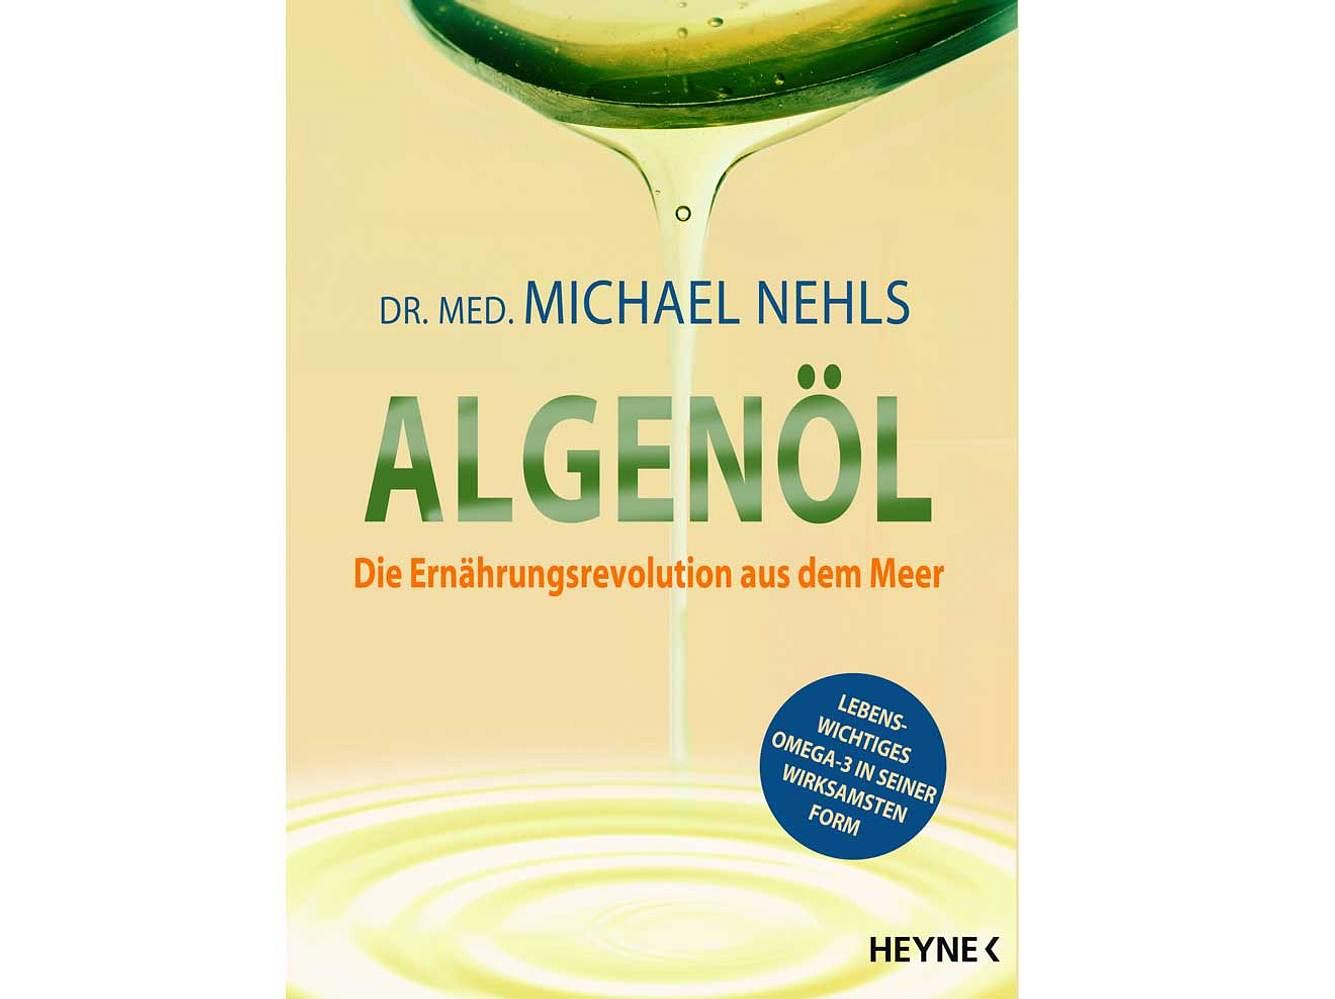 Das Buch Algenöl ist im Heyne Verlag erschienen und für 16.99 Euro zu kaufen.